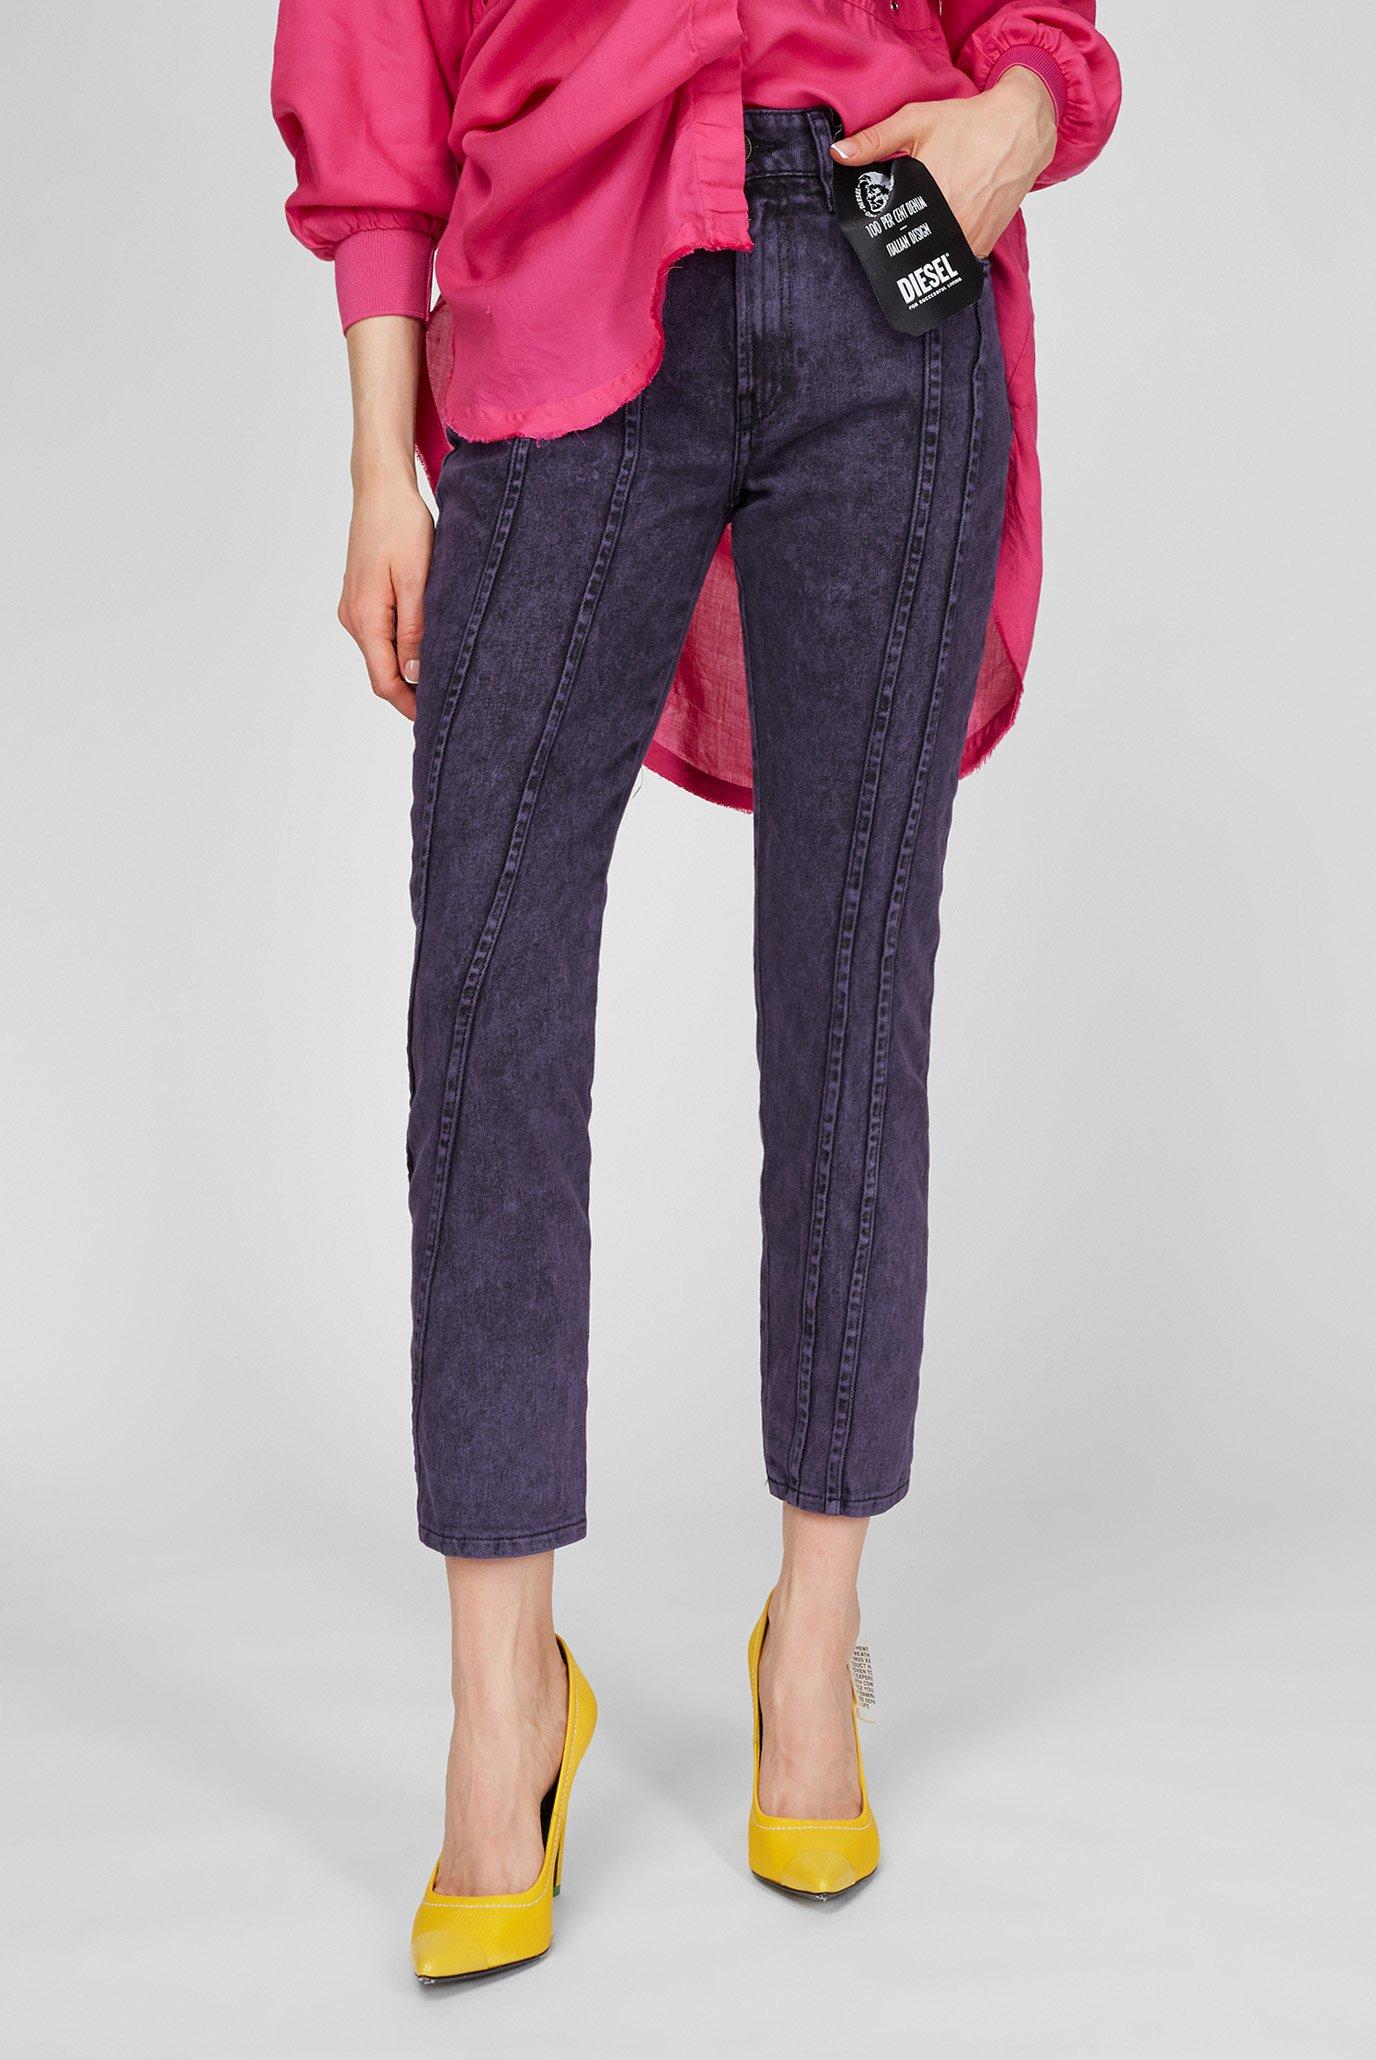 Жіночі фіолетові джинси D-JOY-S-SP 1